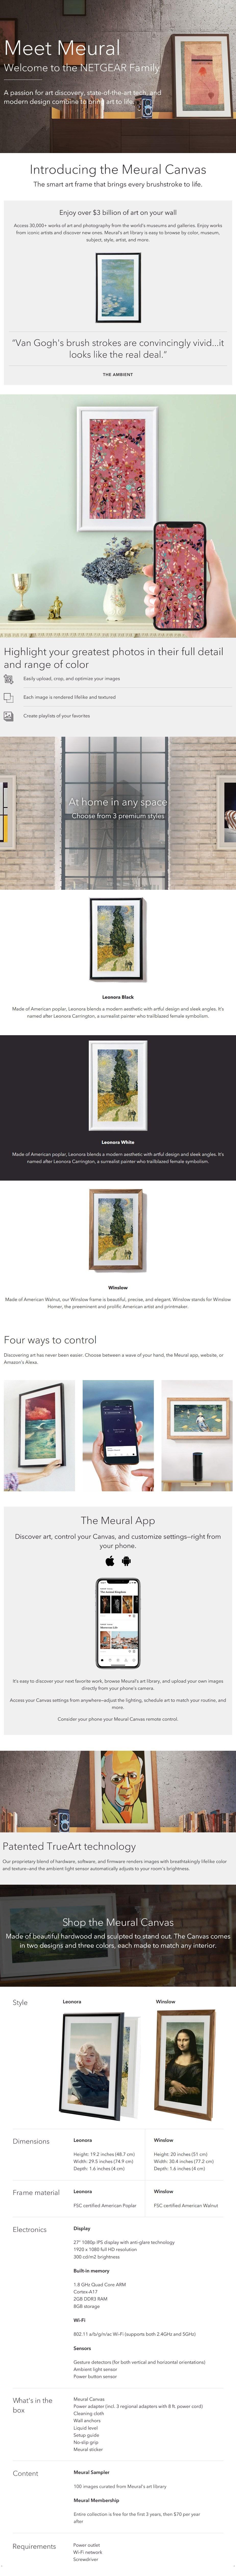 """Netgear Meural 27"""" Smart Art Frame - Winslow Walnut - Desktop Overview 1"""